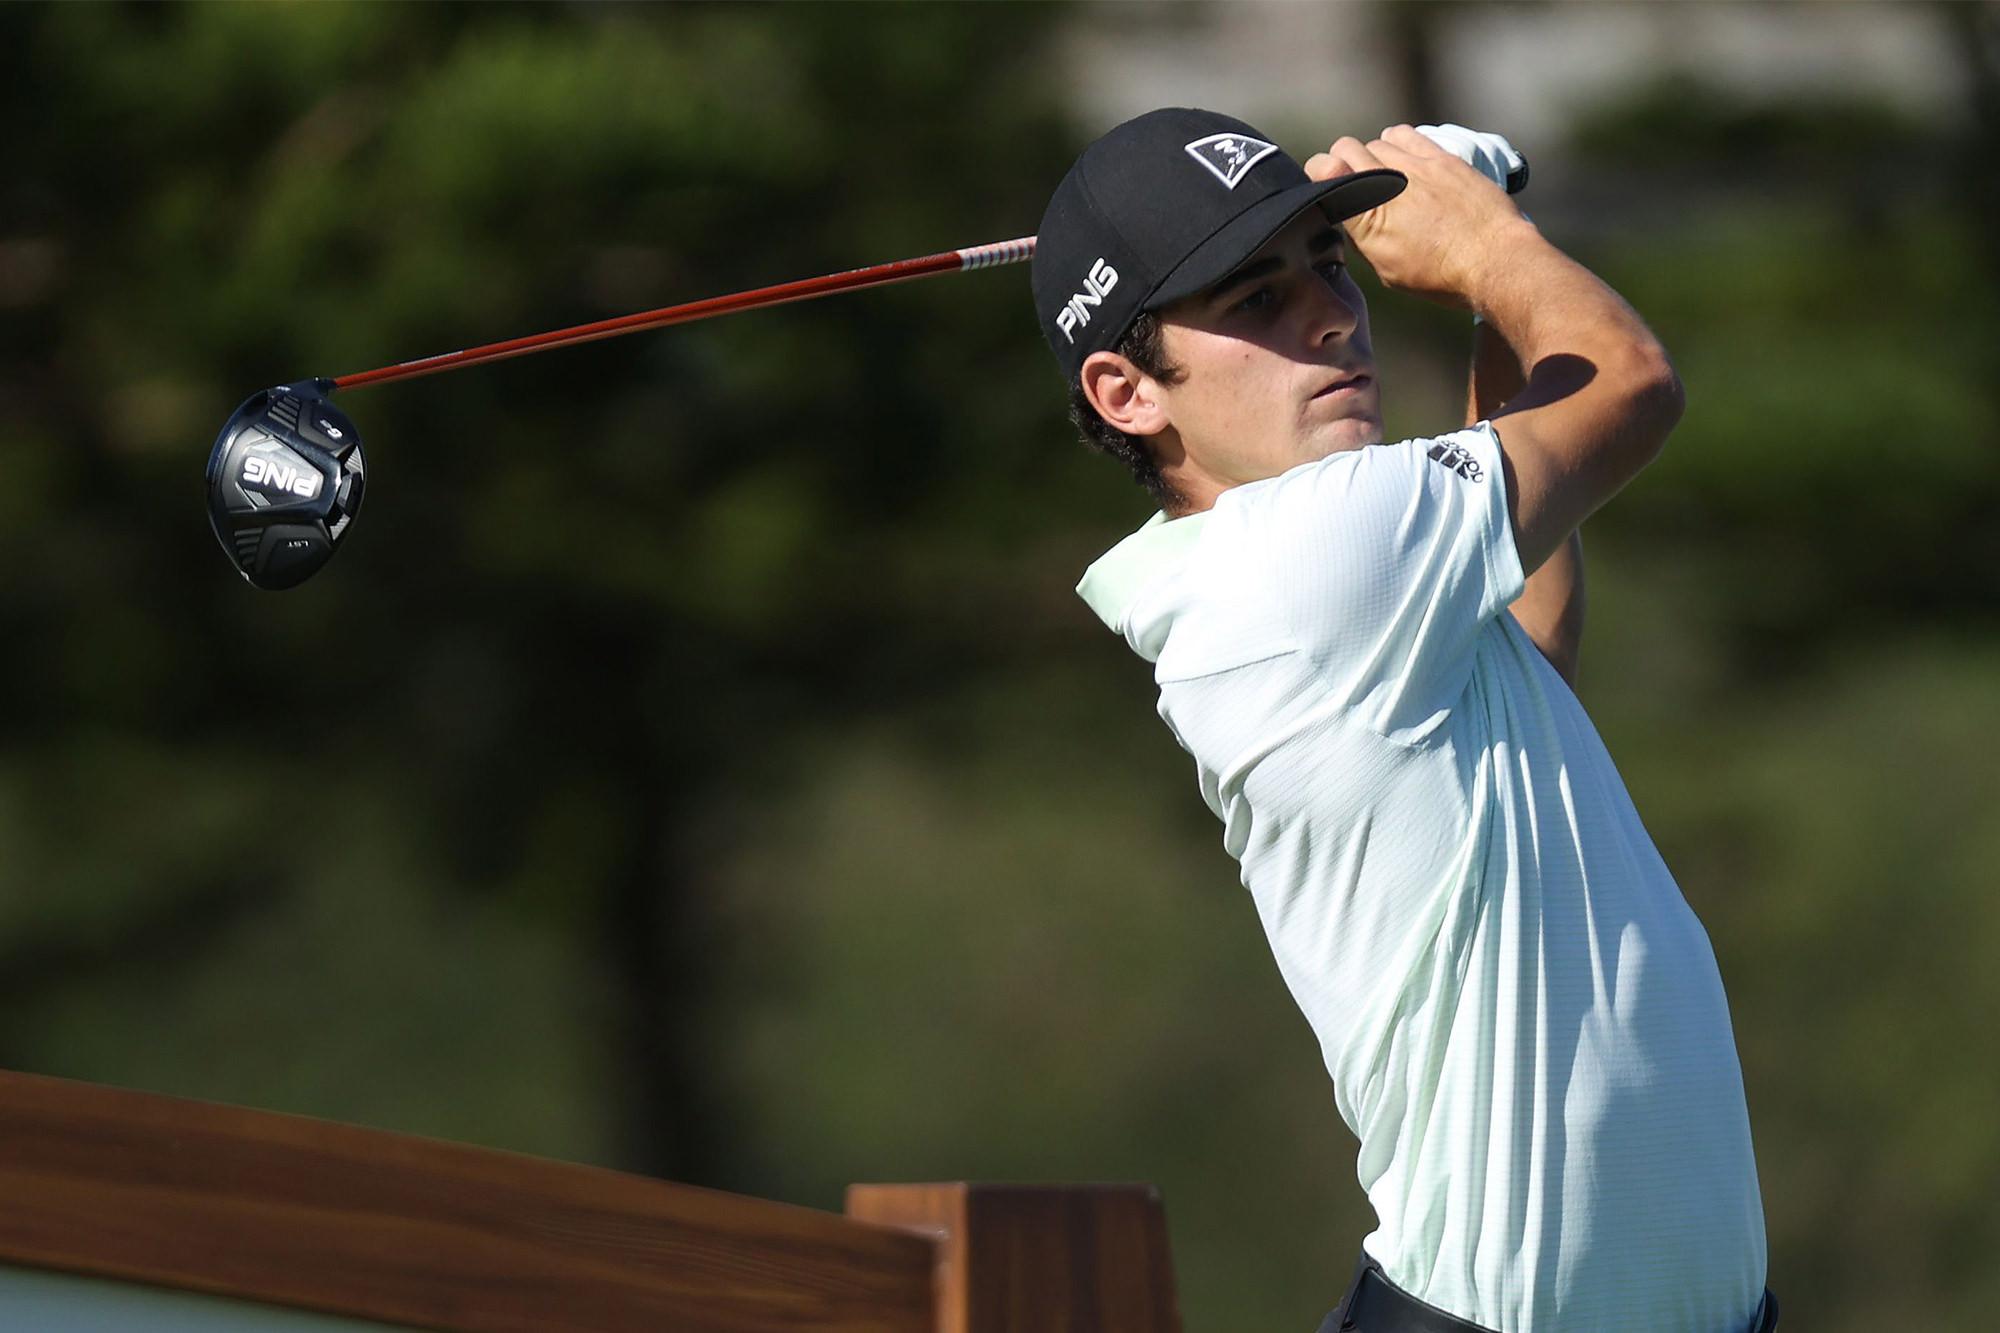 JN2 | National Club Golfer